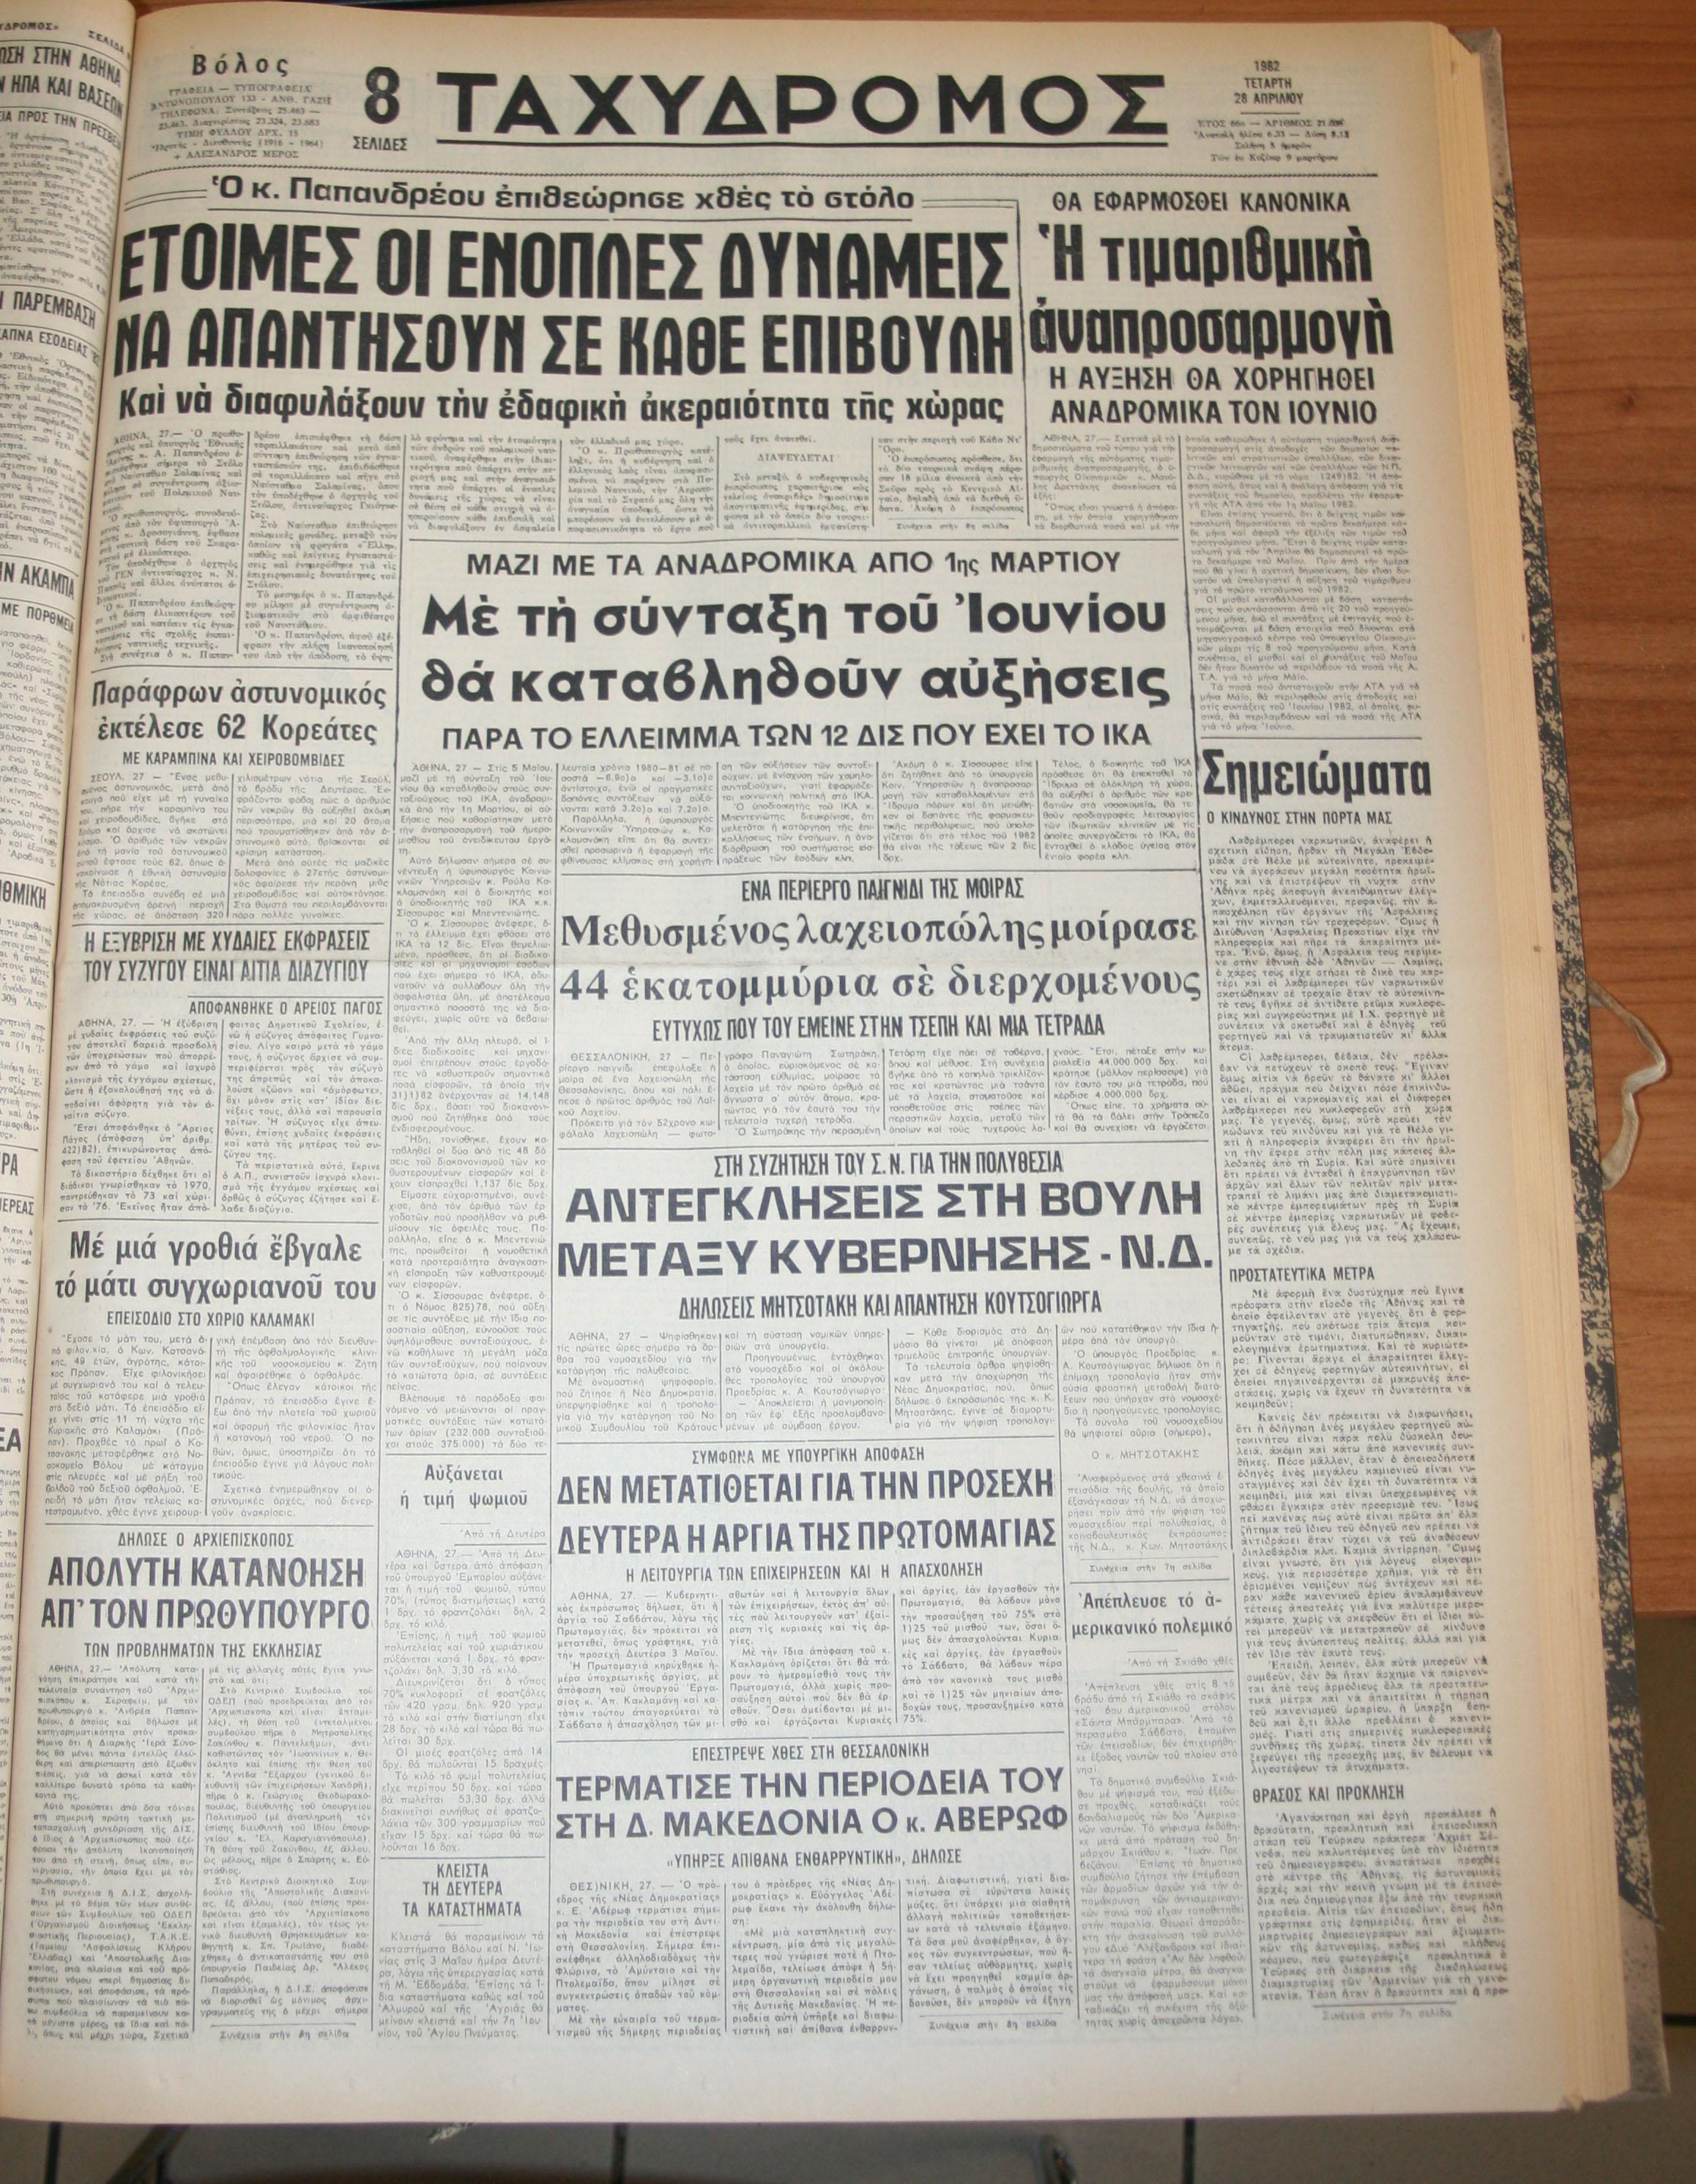 28 Απριλίου 1982